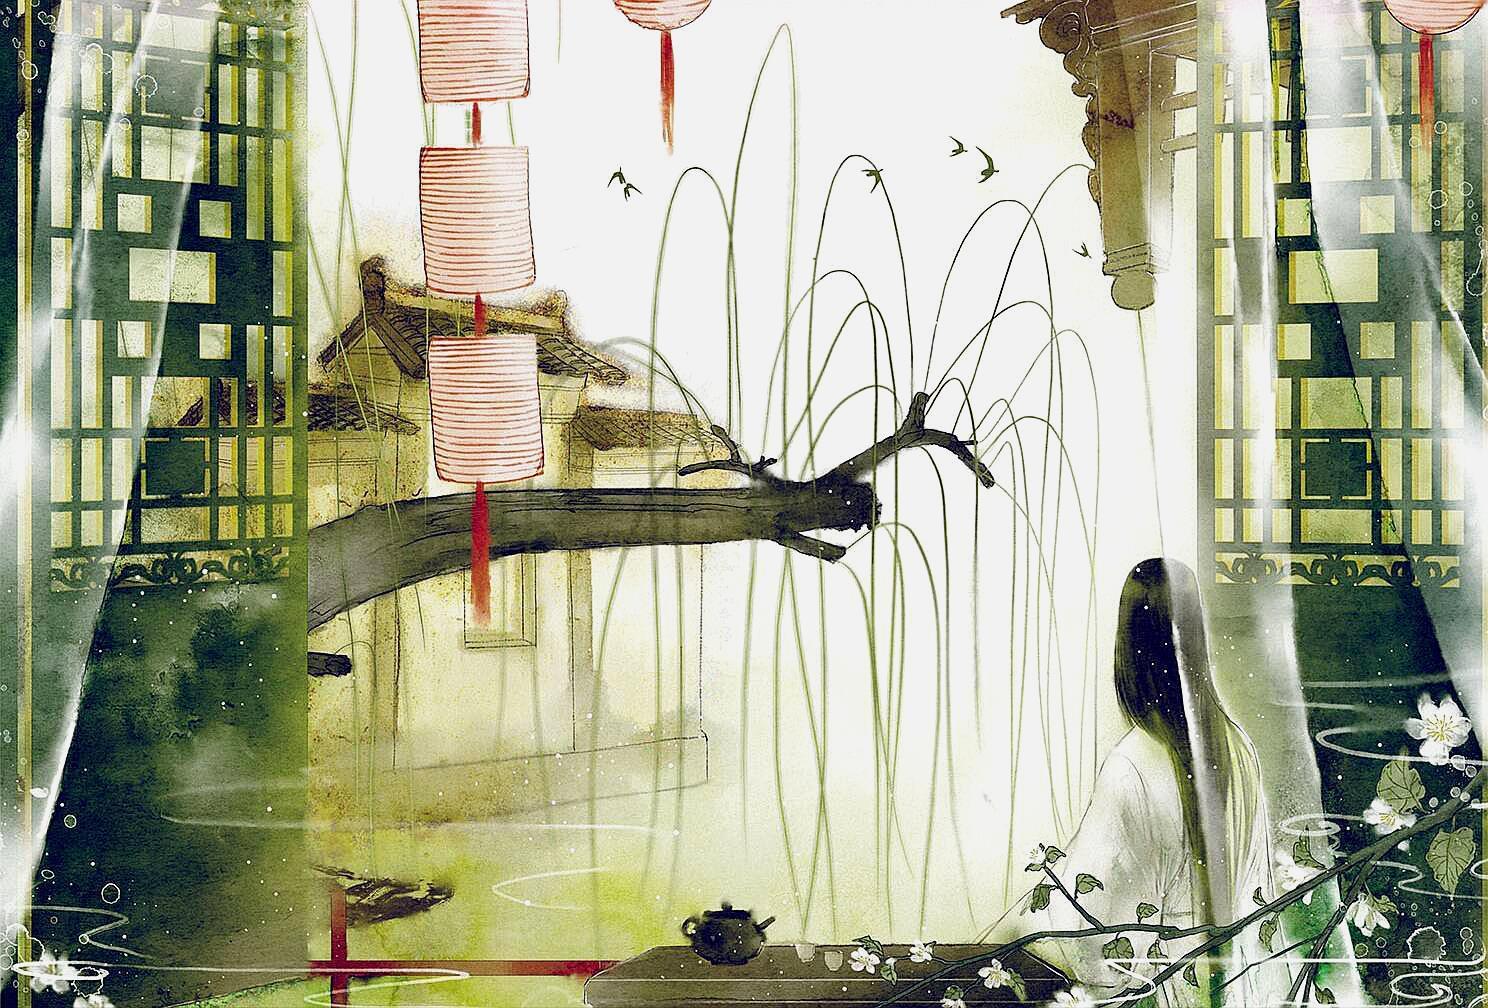 男人愘���Z[76����_鹅儿唼啑栀黄觜,凤子轻盈腻粉腰. 深院下帘人昼寝,红蔷薇架碧芭蕉.